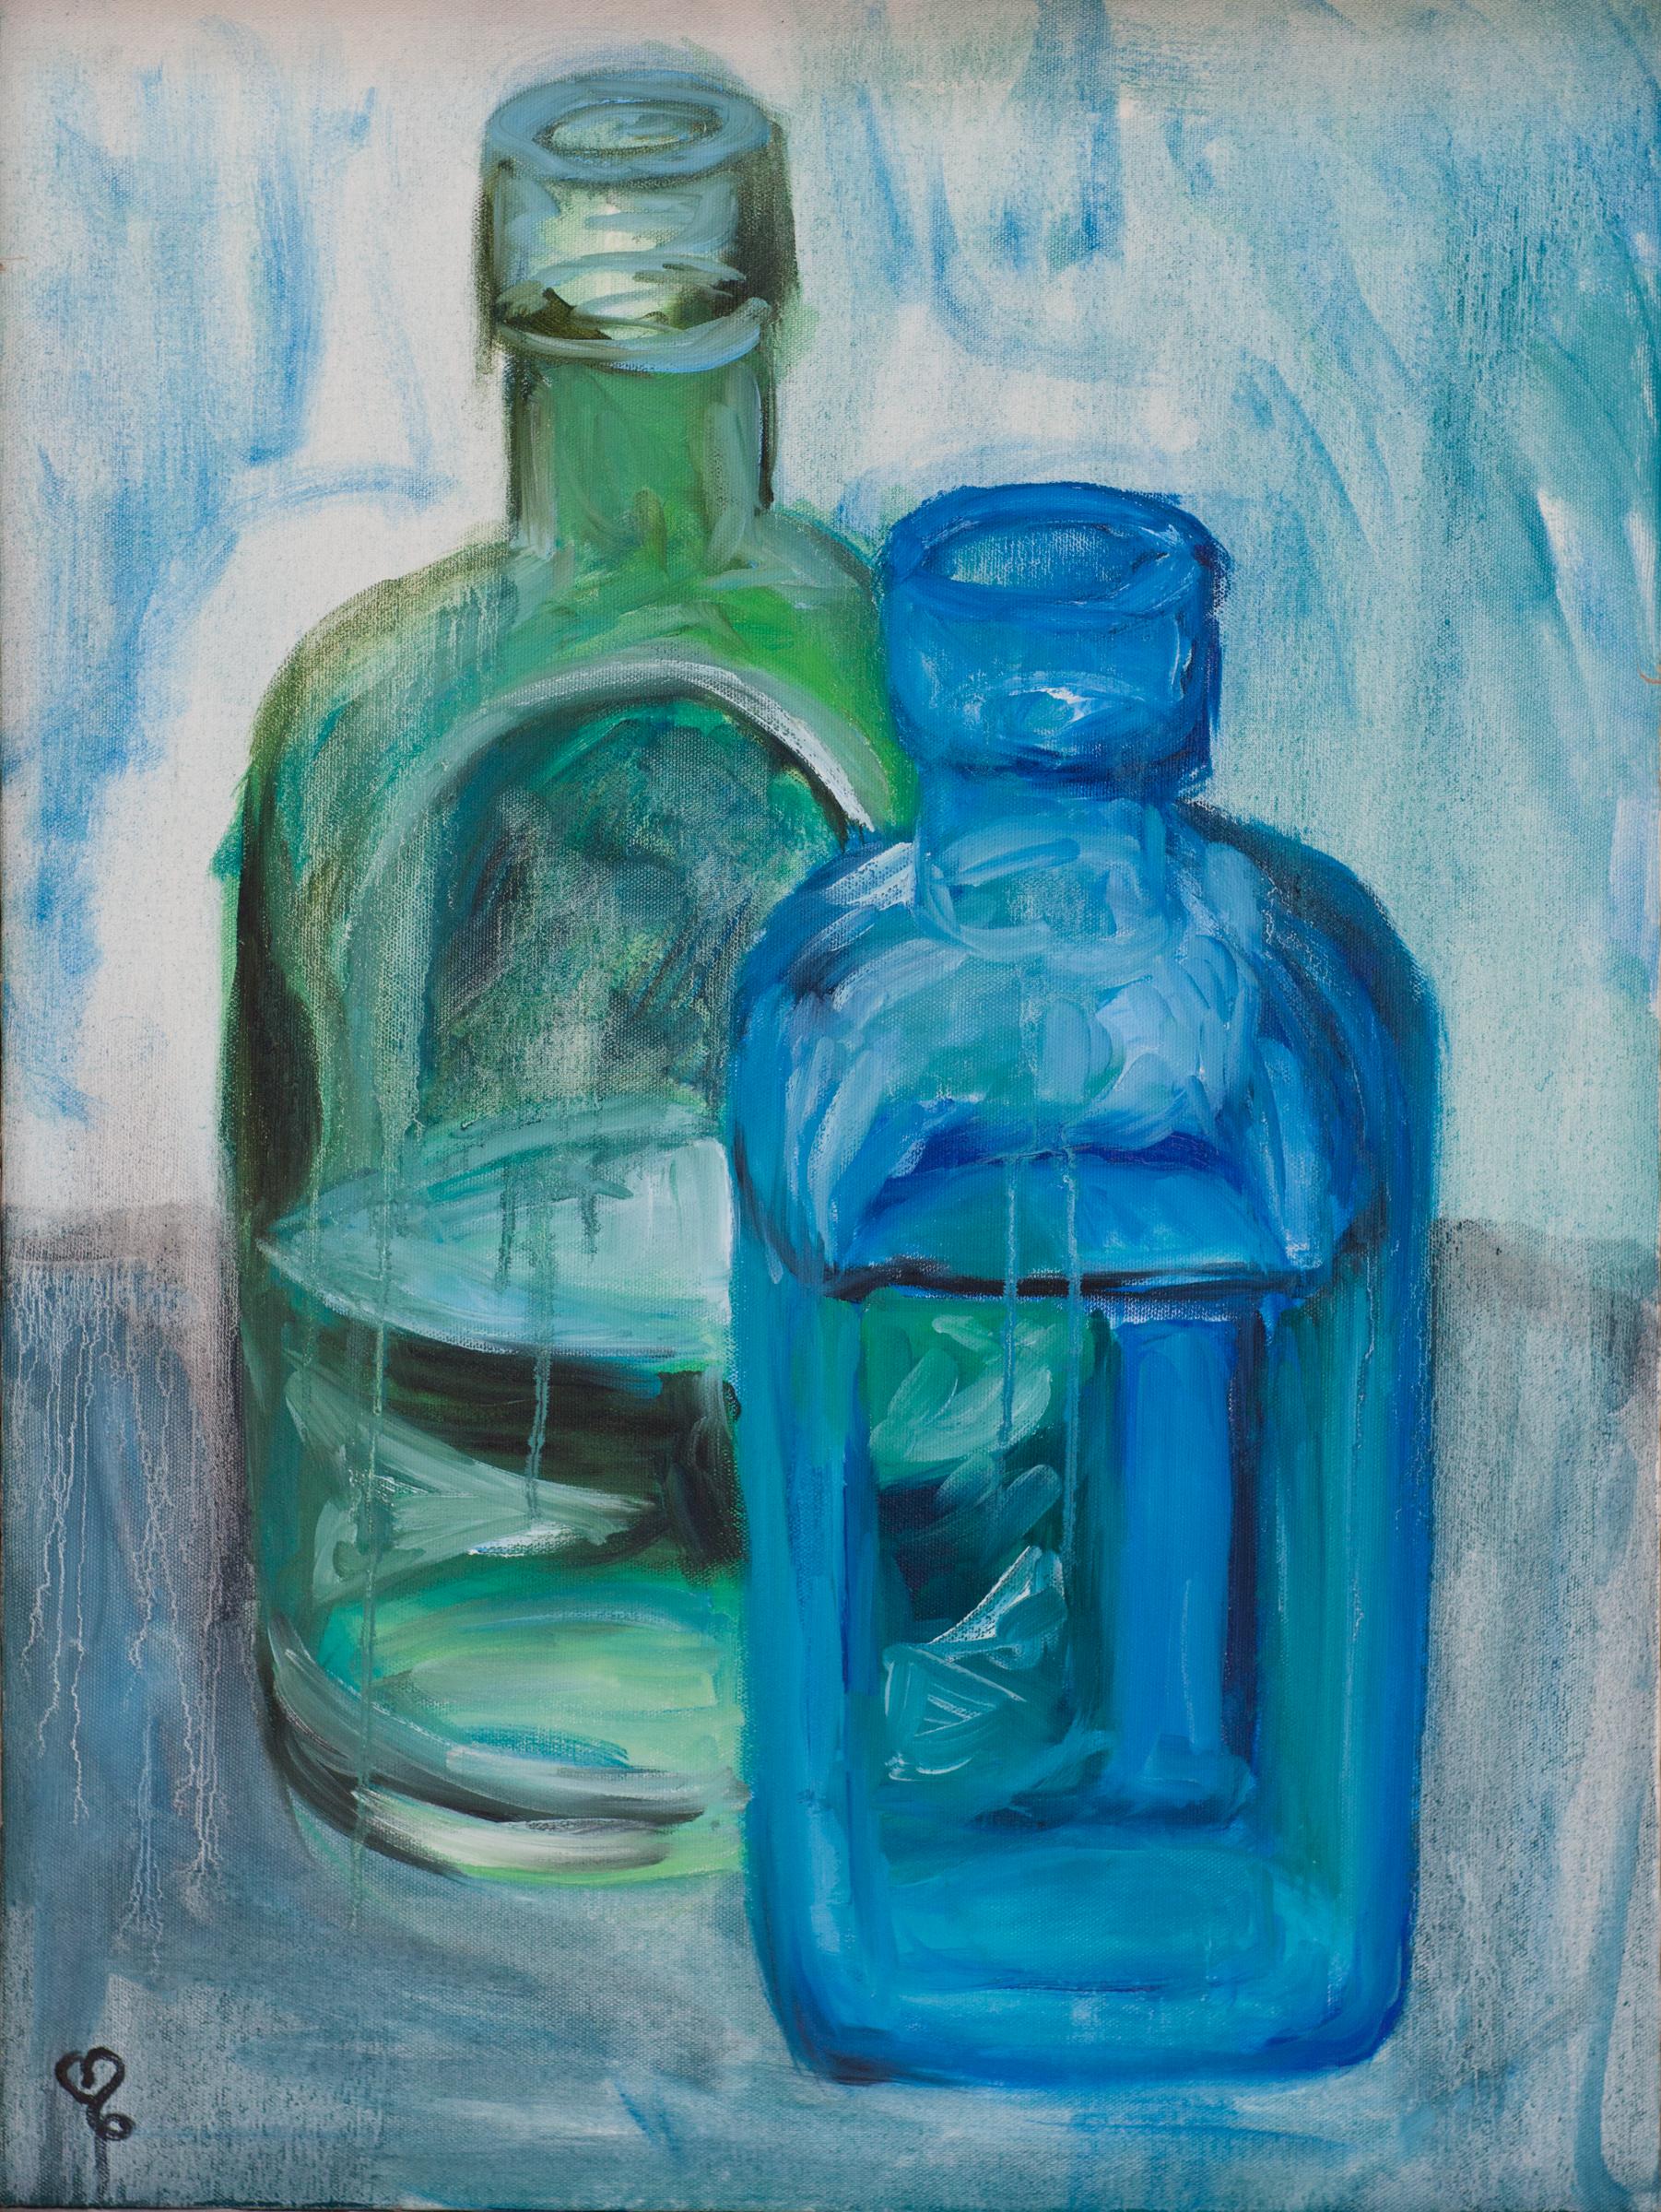 Blue Bottles 2